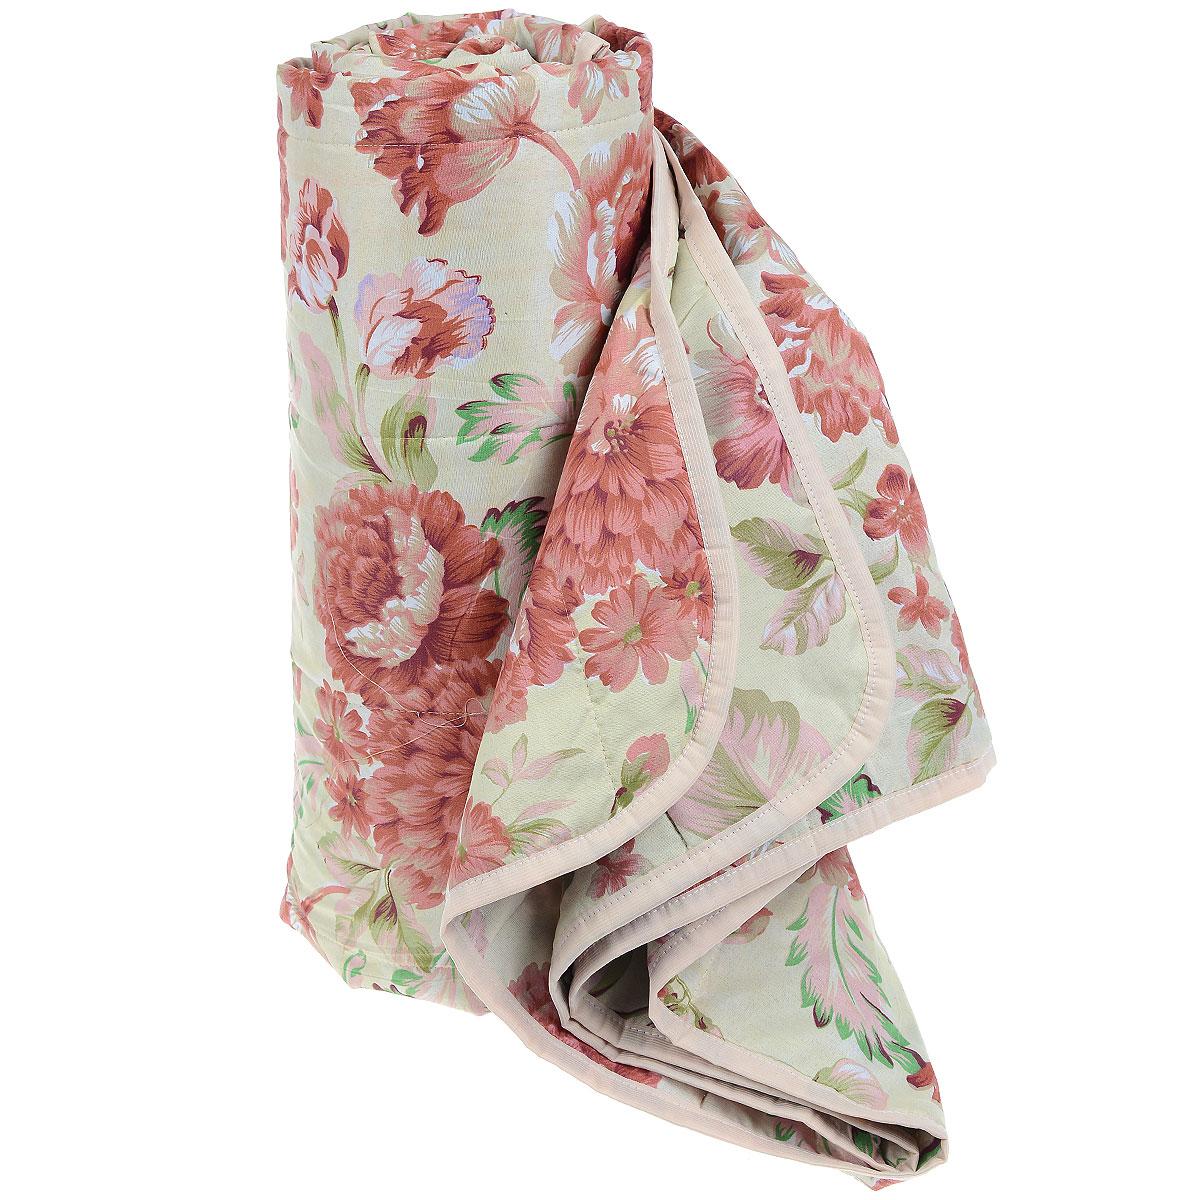 Одеяло летнее OL-Tex Miotex, наполнитель: холфитекс, цвет: бежевый в красные цветочки, 200 х 220 смМХПЭ-22-1 бежевый, красныйЧехол летнего одеяла OL-Tex Miotex выполнен из высококачественного полиэстера. Наполнитель - холфитекс. Одеяло простегано - значит, наполнитель внутри будет всегда распределен равномерно. Изделие оформлено ярким рисунком.Идеально подойдет тем, кто ценит мягкость и тепло. Ручная стирка при температуре 30°С. Материал чехла: 100% полиэстер.Наполнитель: холфитекс.